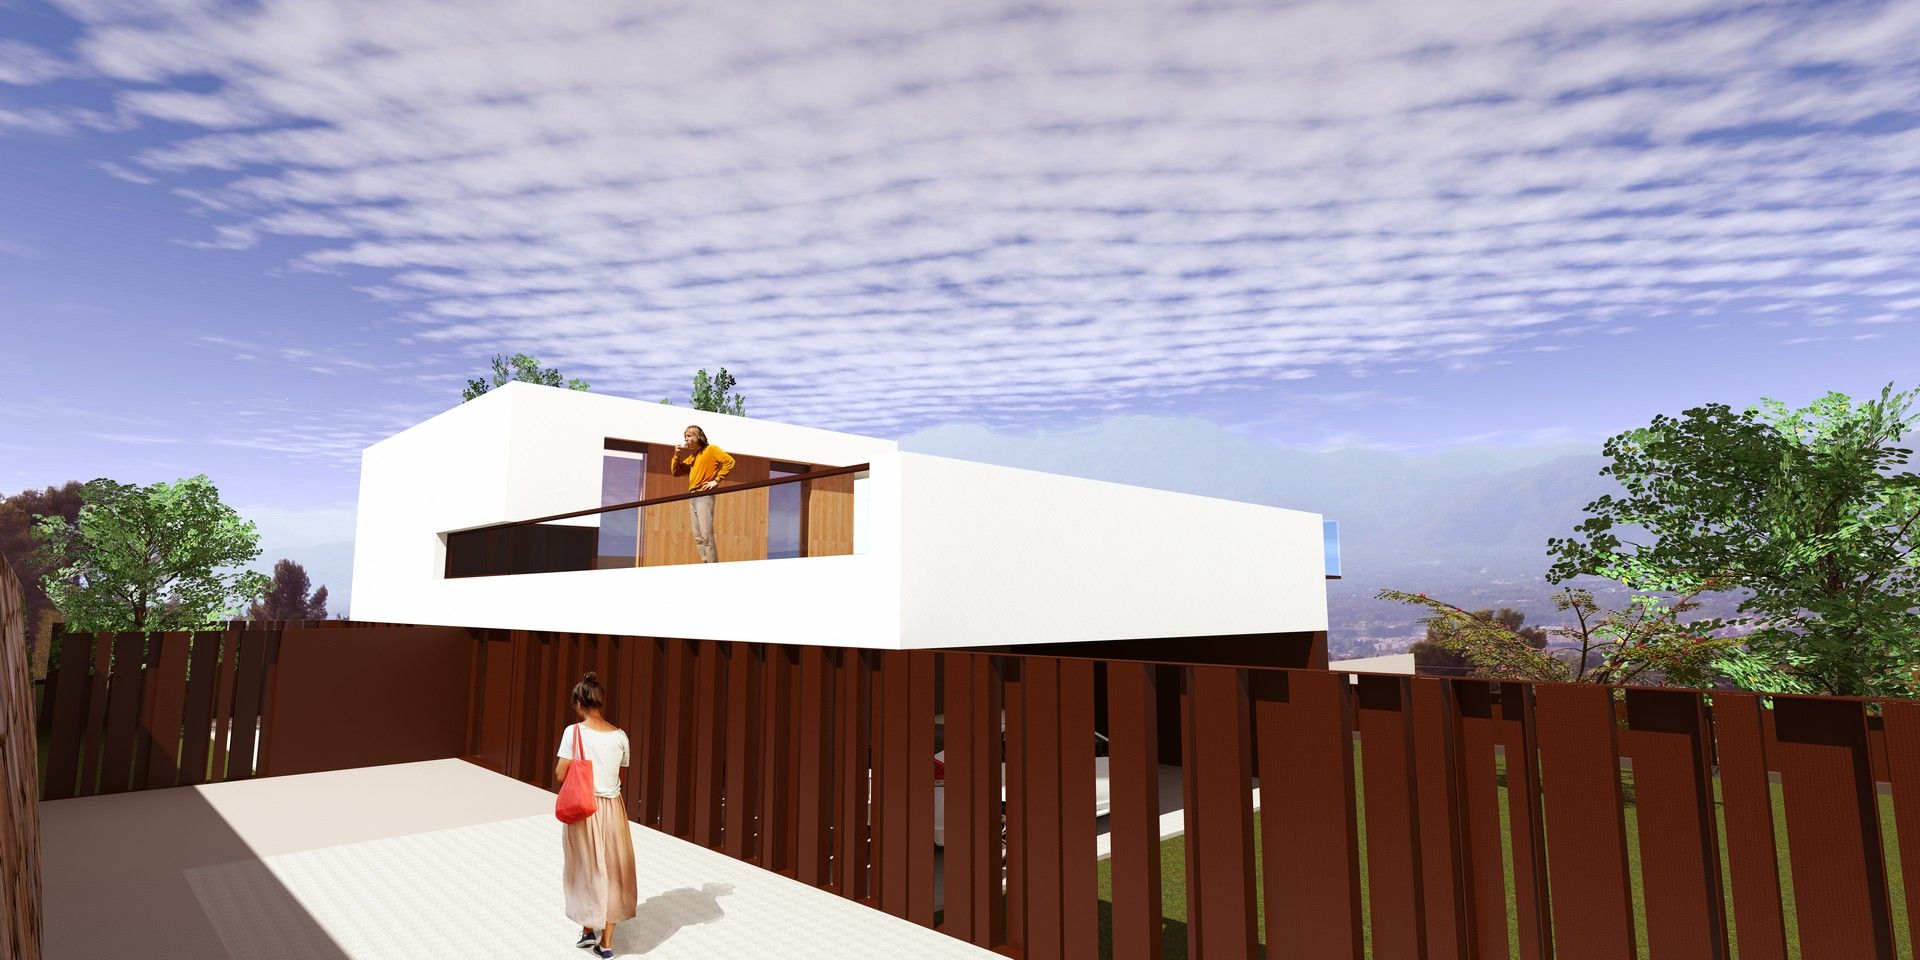 CASA SIMPÁTICA - Projectes de cases modulars d'acer